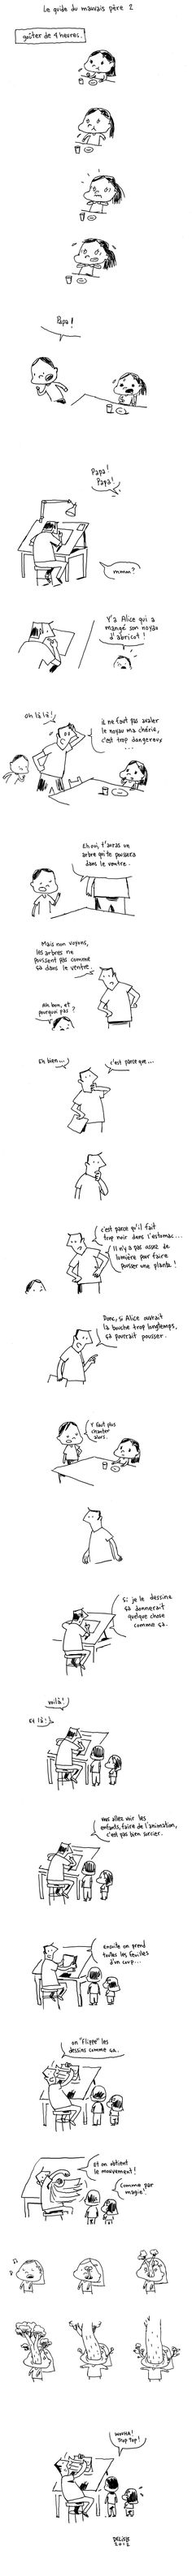 Le guide du mauvais père 2 (via Pierre Kerner)